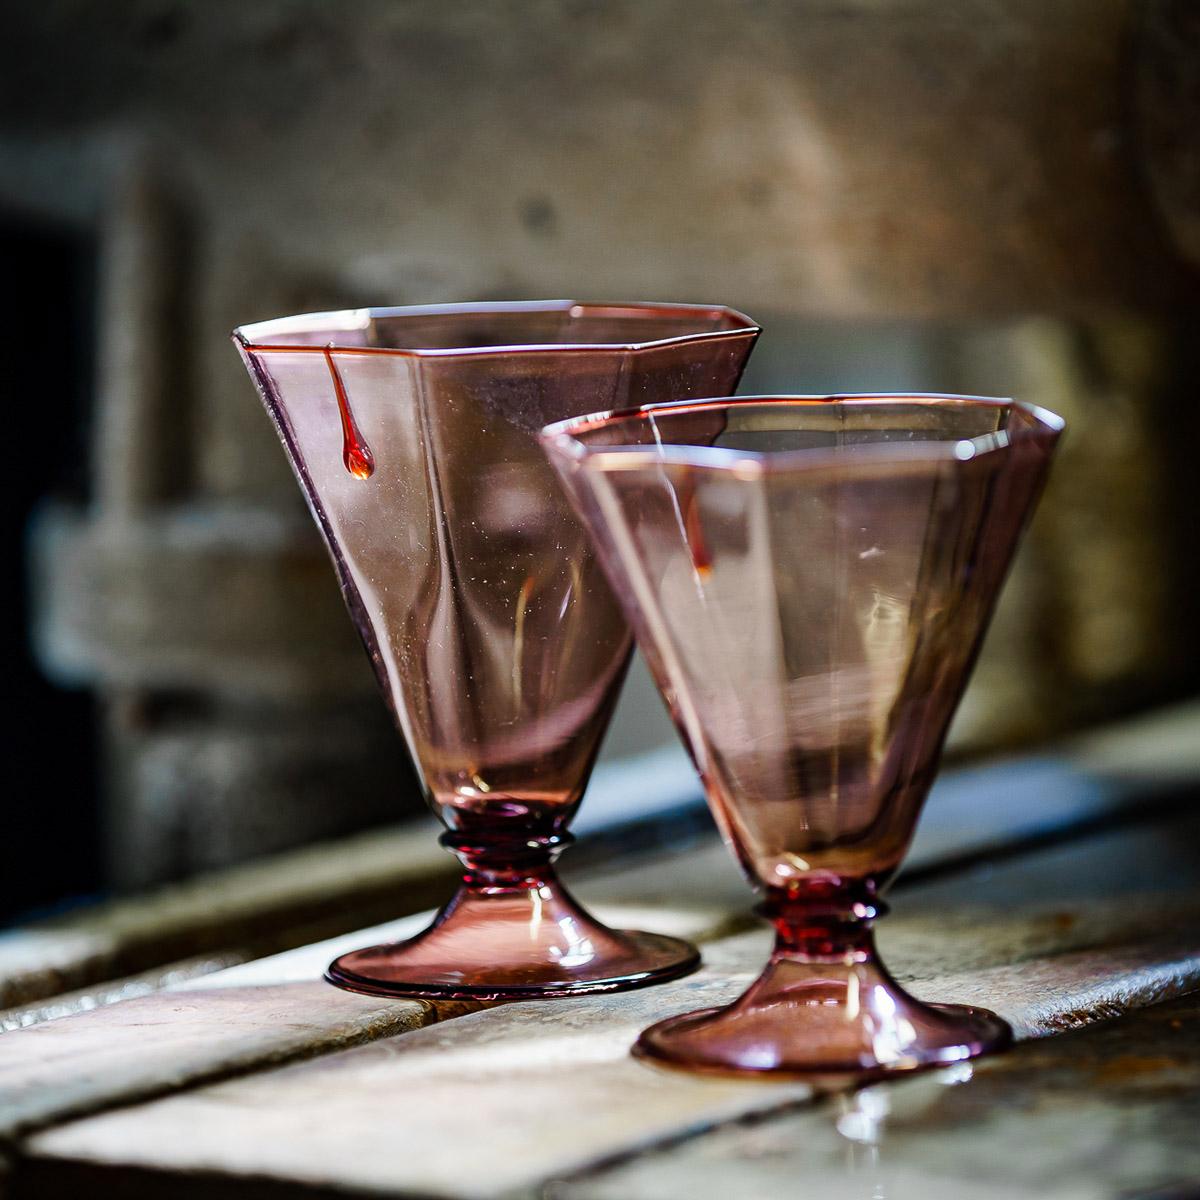 mina-wine-glass-murano-design-venice-giberto-handmade